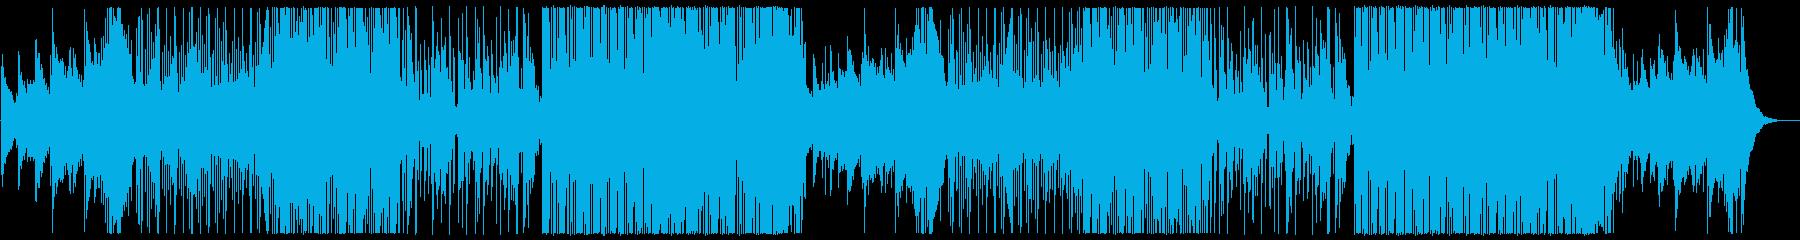 明るい懐かしさのあるシンセサイザーの曲の再生済みの波形